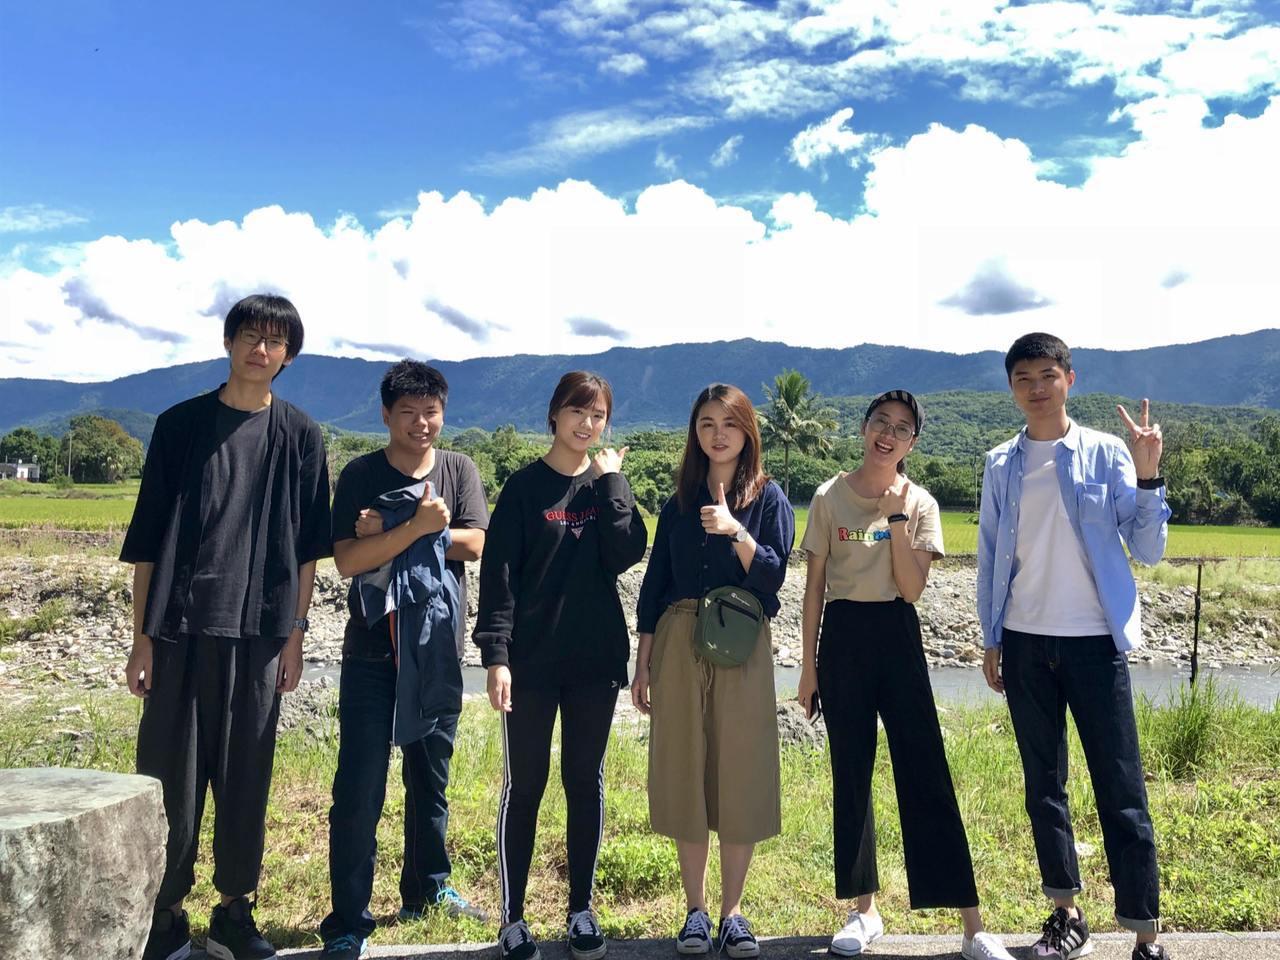 台科大跨領域學生團隊走訪台東關山鎮做田野調查,透過影片紀錄當地的建築特色、原住民...